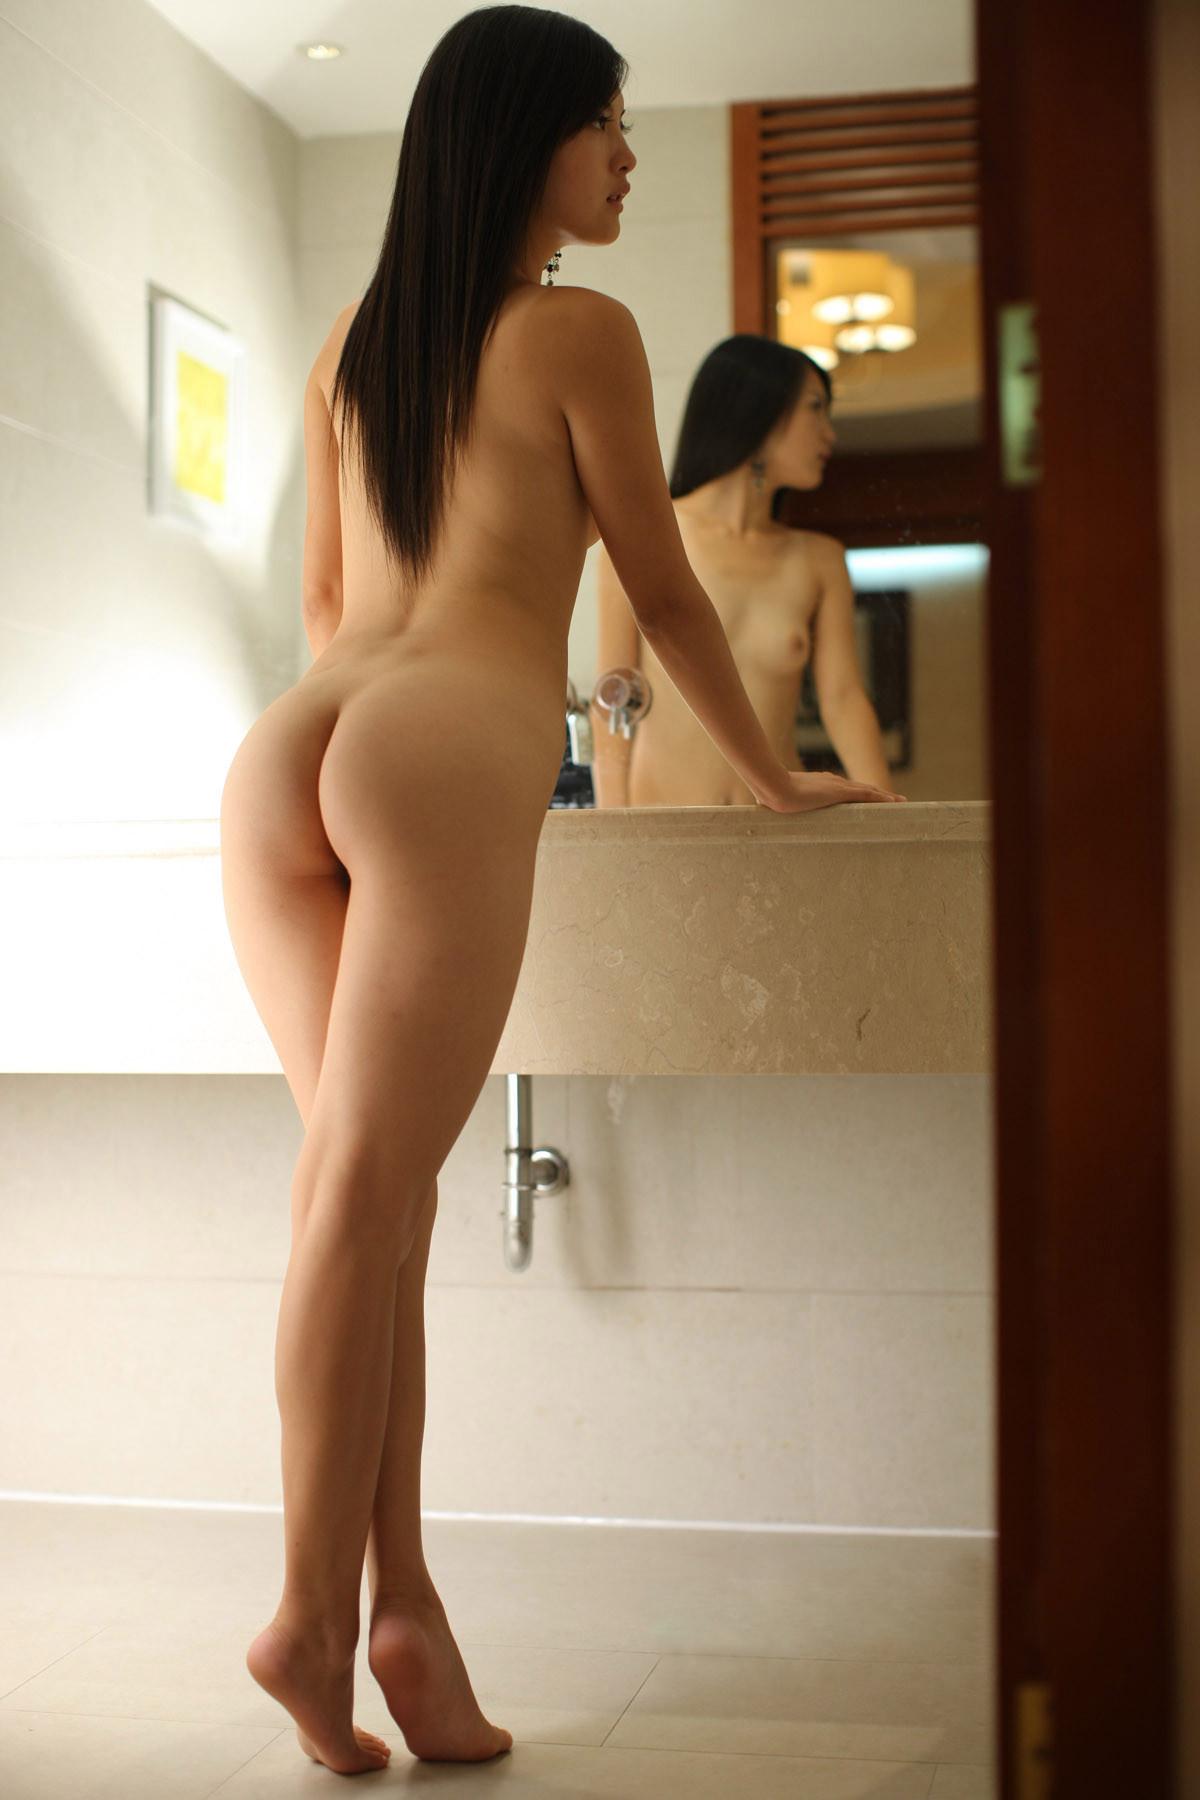 【鏡エロ画像】前後が丸見えw鏡の前に裸の女を添えれば乳も尻も見えて2倍得www 14